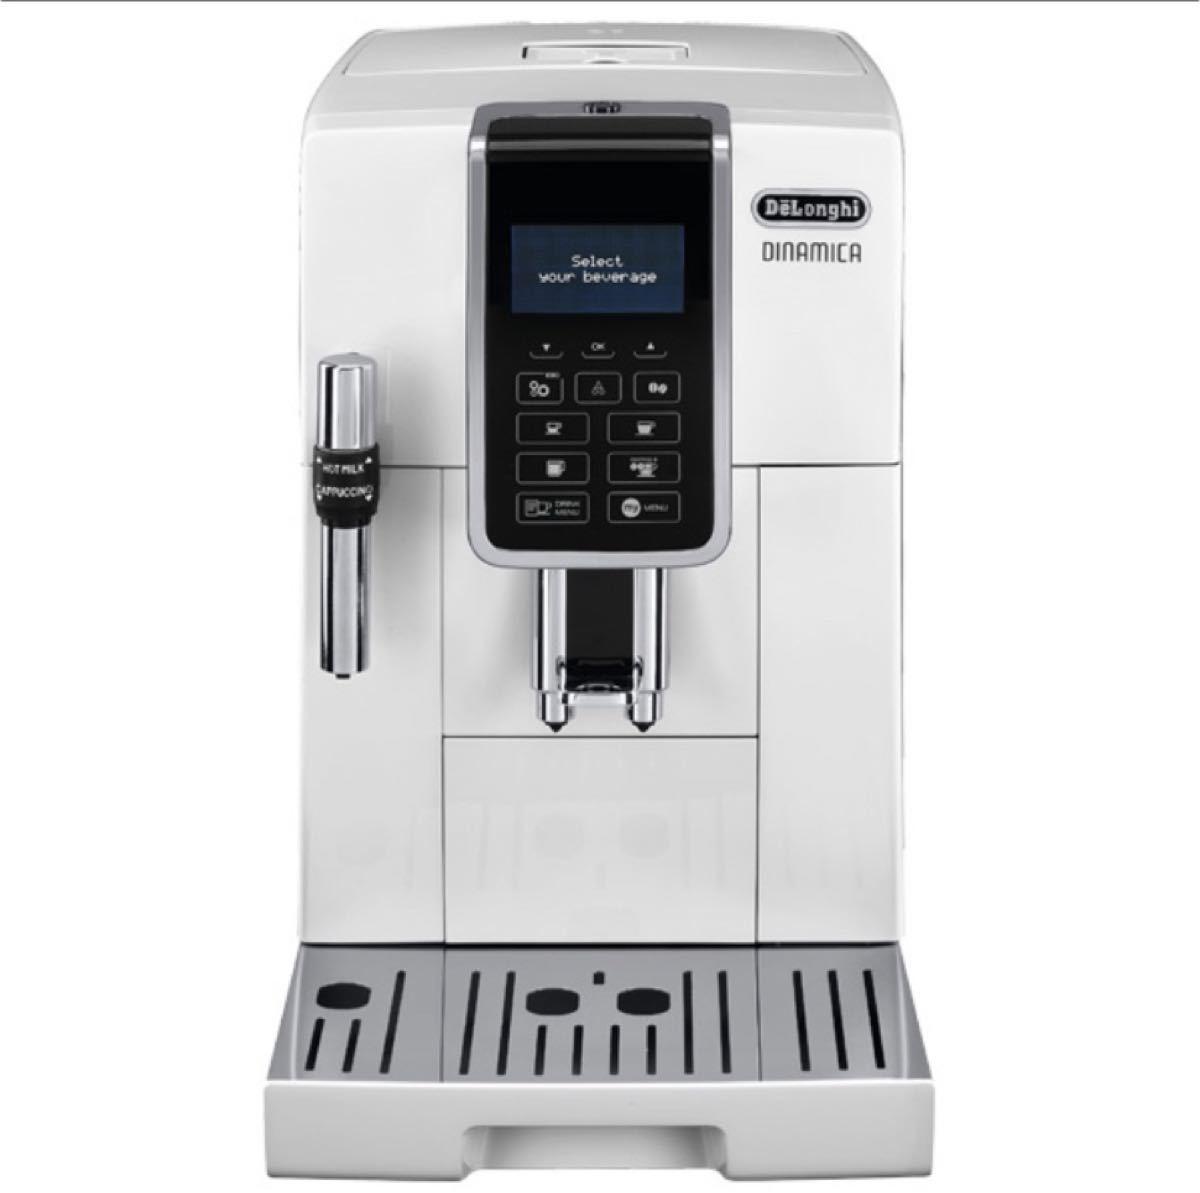 デロンギ コンパクト全自動コーヒーマシン ディナミカ ホワイト ECAM35035W